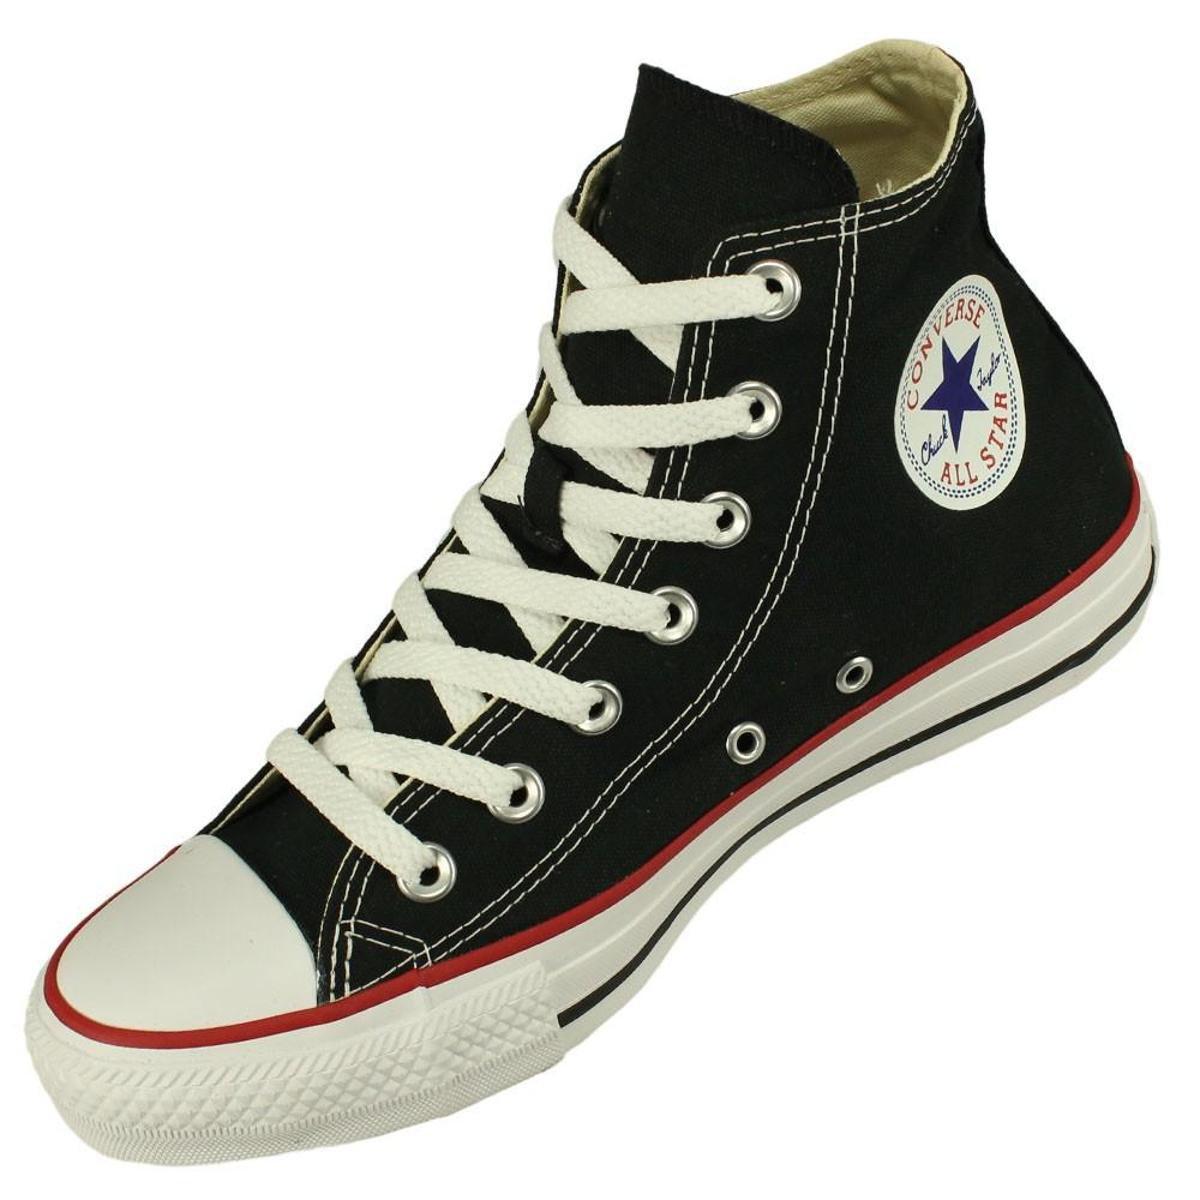 Tênis Converse All Star CT AS Core HI - Preto e Vermelho - Compre ... 96472f66ae4b7